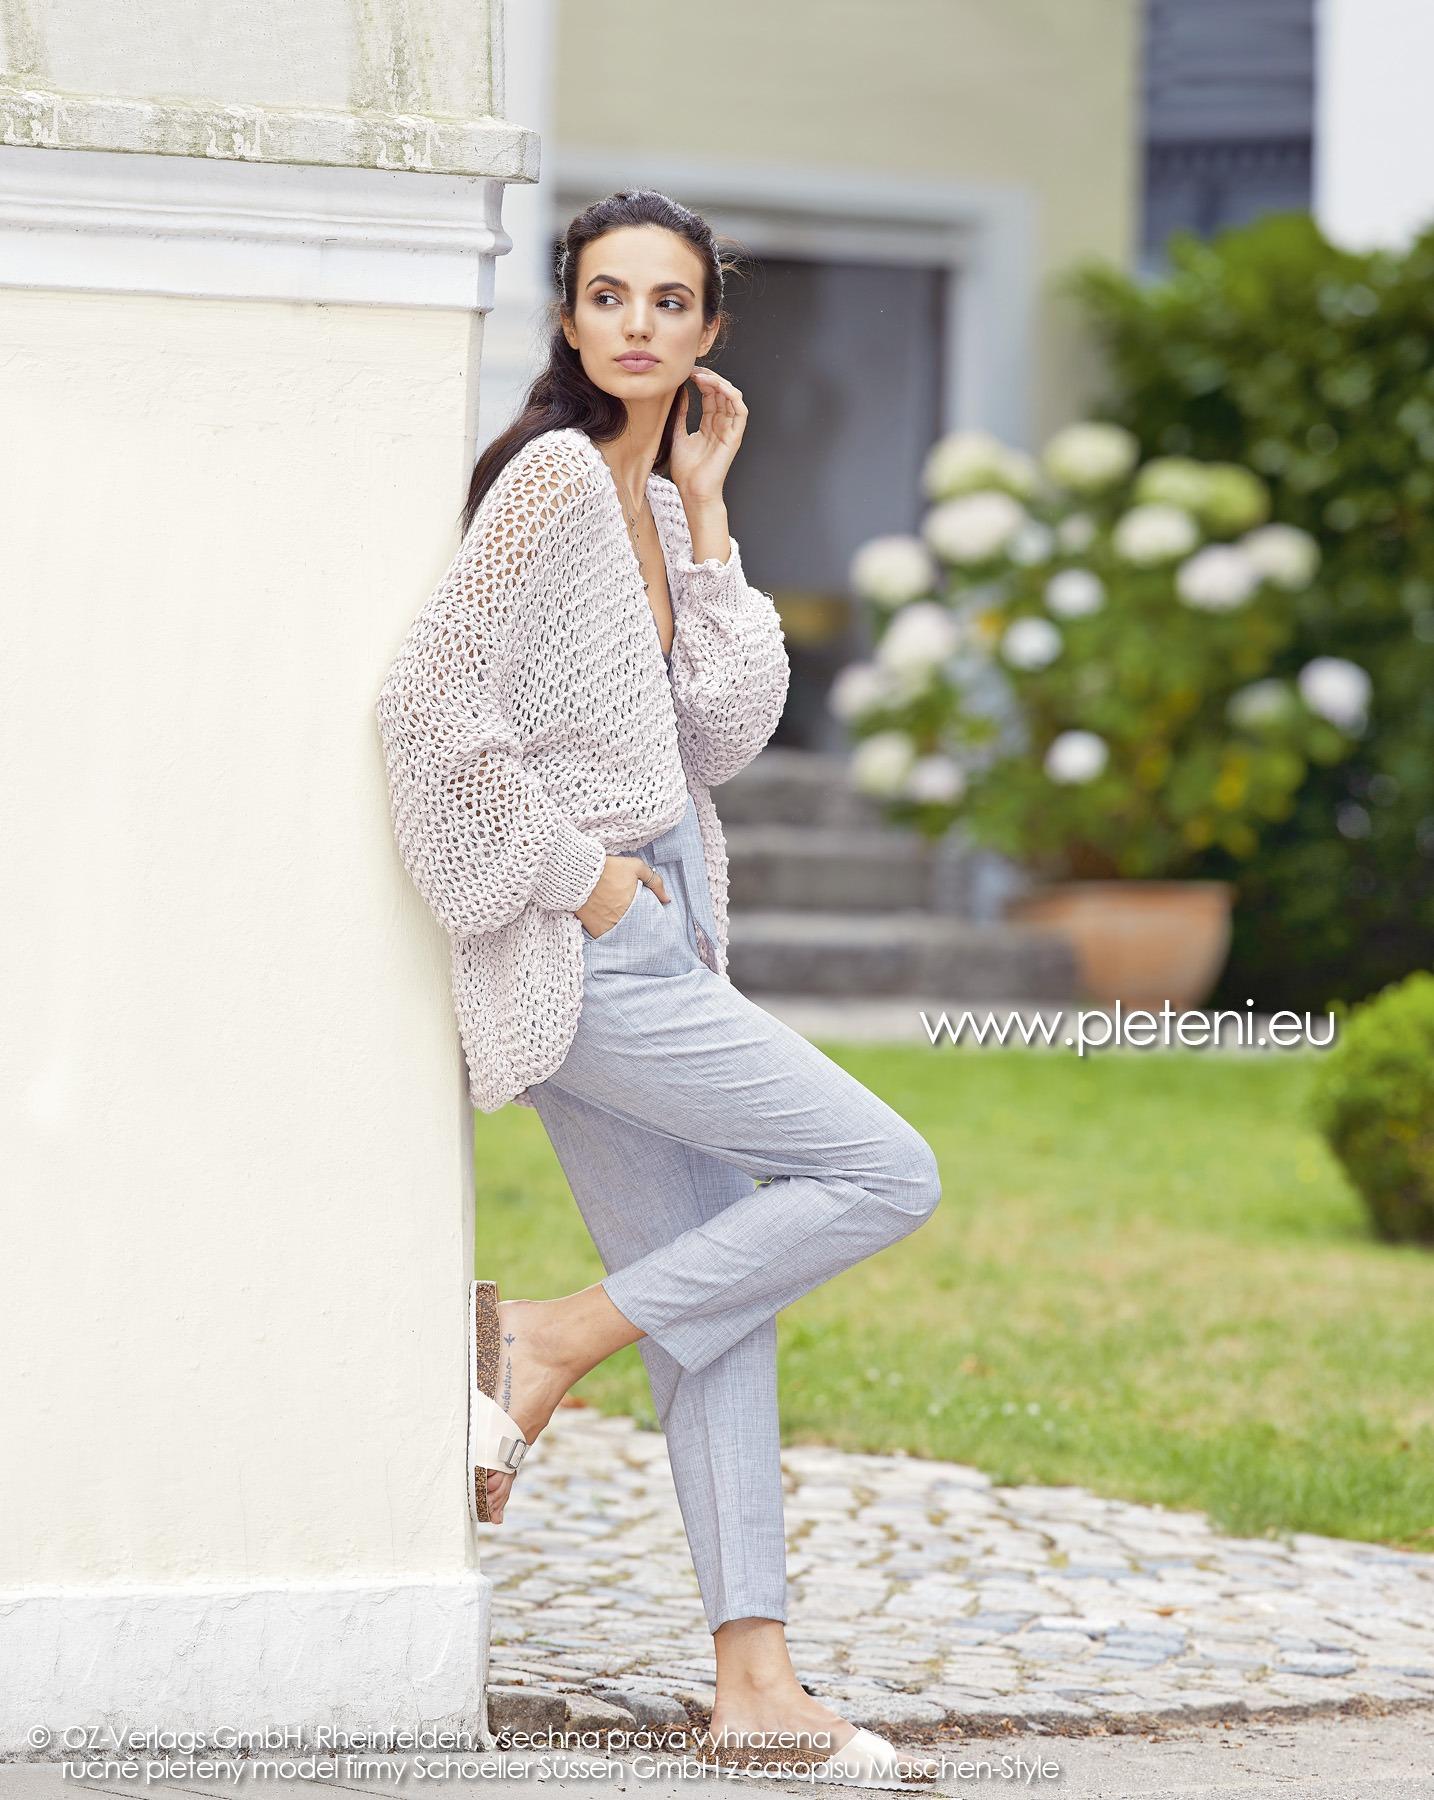 2019-L-24 dámský pletený kabátek z příze Sienna Recycled firmy Schoeller